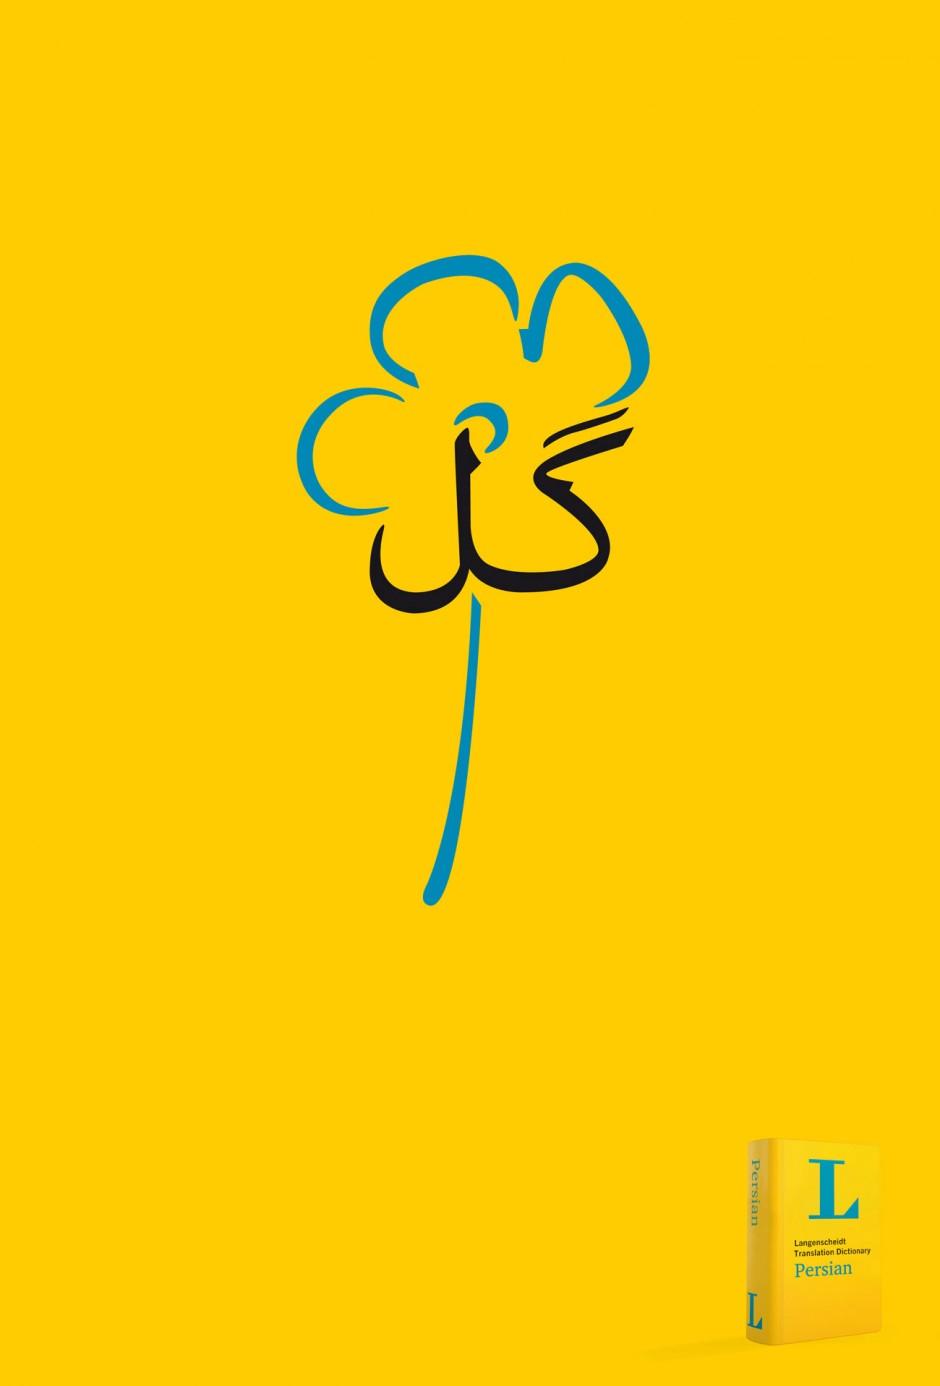 Flower, 2013, Werbung für Langenscheidt, Langenscheidt Translation Dictionaries, ausgezeichnet als Bronze Lion Campaign, 2014